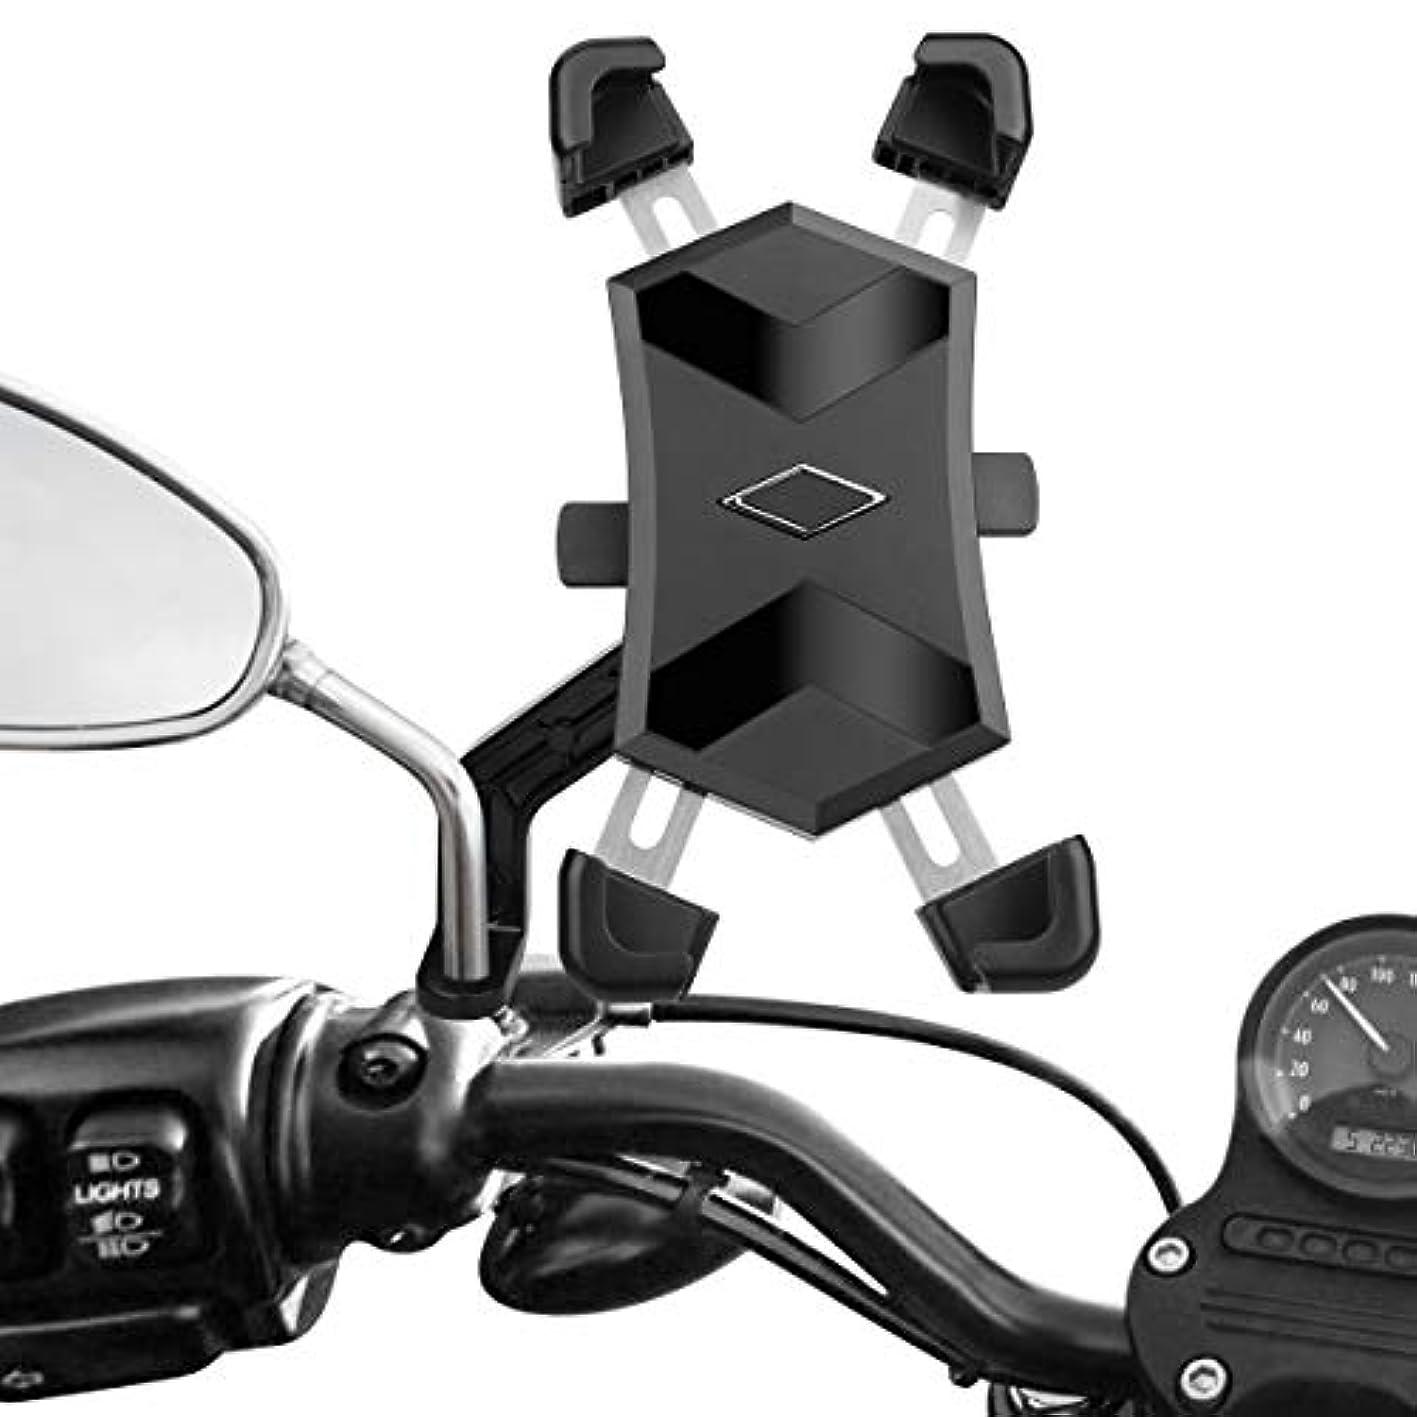 ジャズミュウミュウ試すHASAGEI 自転車 スマホ ホルダー バイク用 携帯ホルダー 2020最新改良 自動ロック 片手操作 落下防止 振れ止め 360°回転可能 スマホホルダー GPSナビ iPhone 11 Pro max XS MAX XR XS X 8 7 6 Plus HUAWEI Sony Xperiaなどに適用